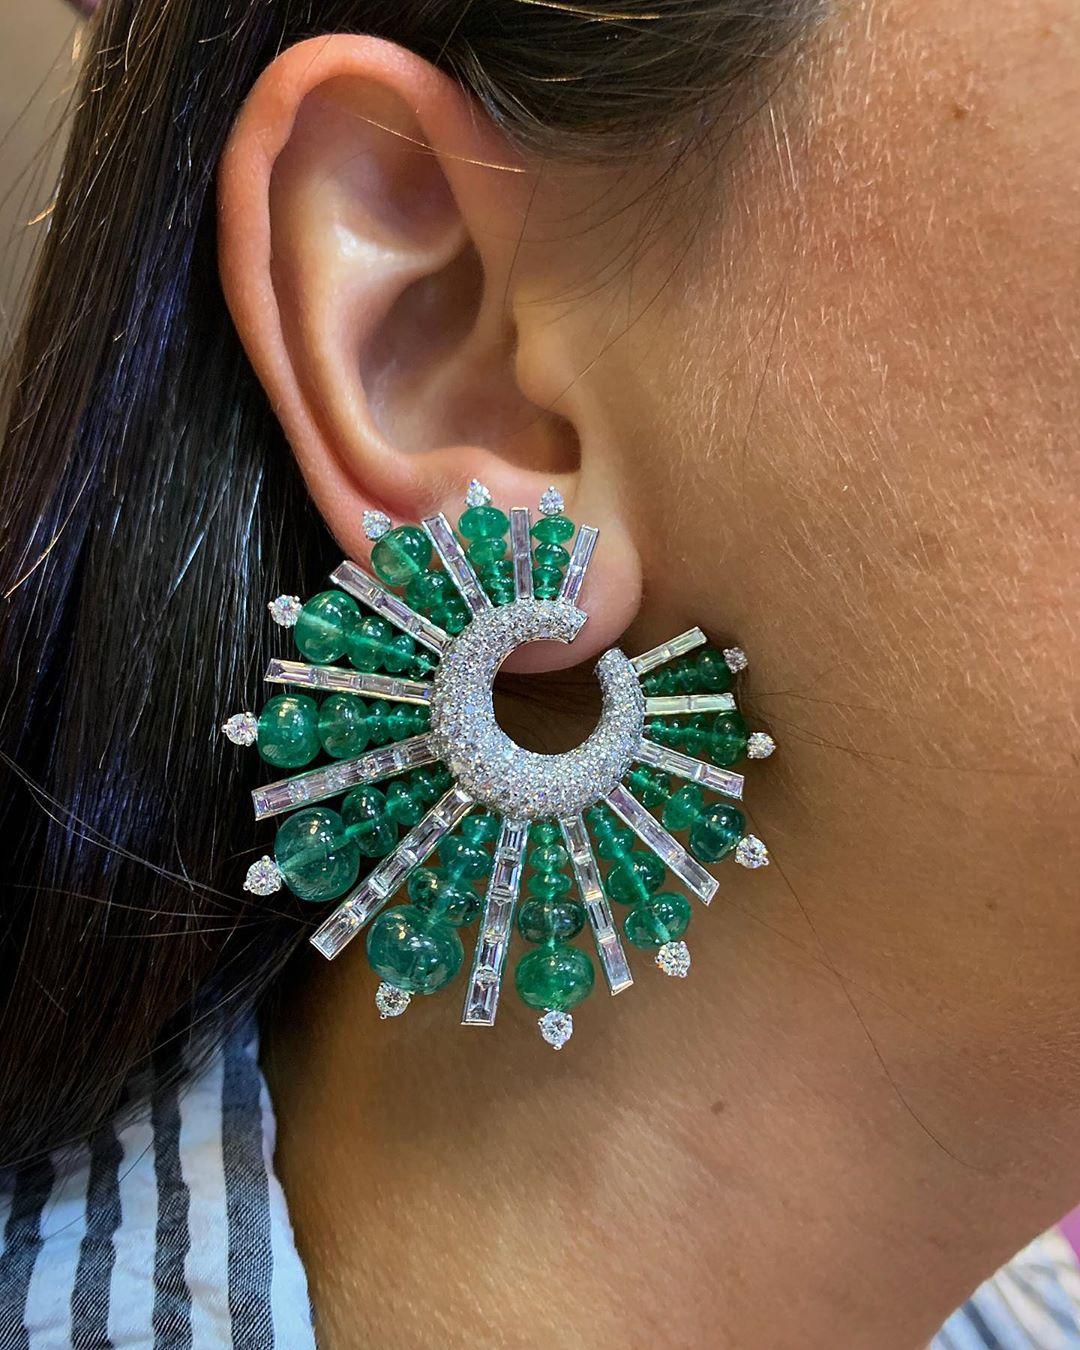 Best Jewelry Online: Glittering Green and Clear Rhinestone Earring Online Jewelry